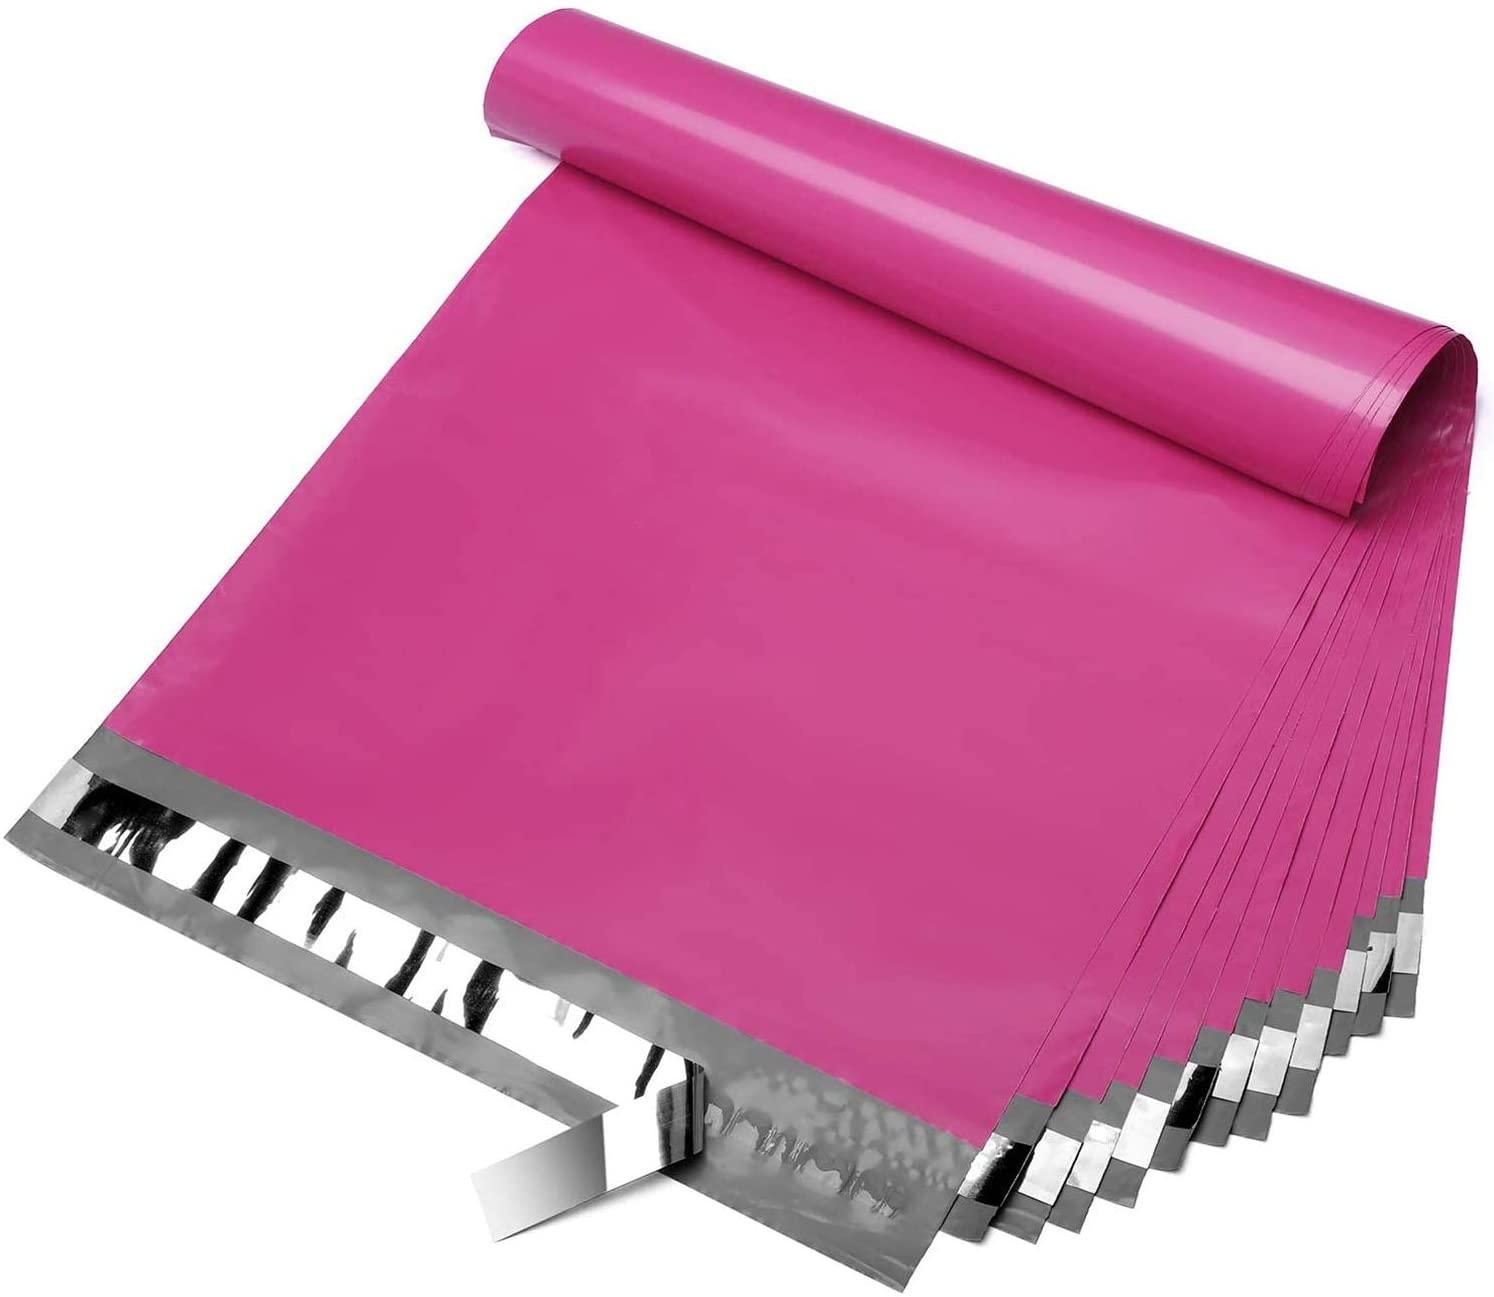 100 шт./лот розовый курьерской сумки Бесплатная доставка почтовые пакеты сумки уплотнения собственной личности, Пластик упаковочный пакет П...